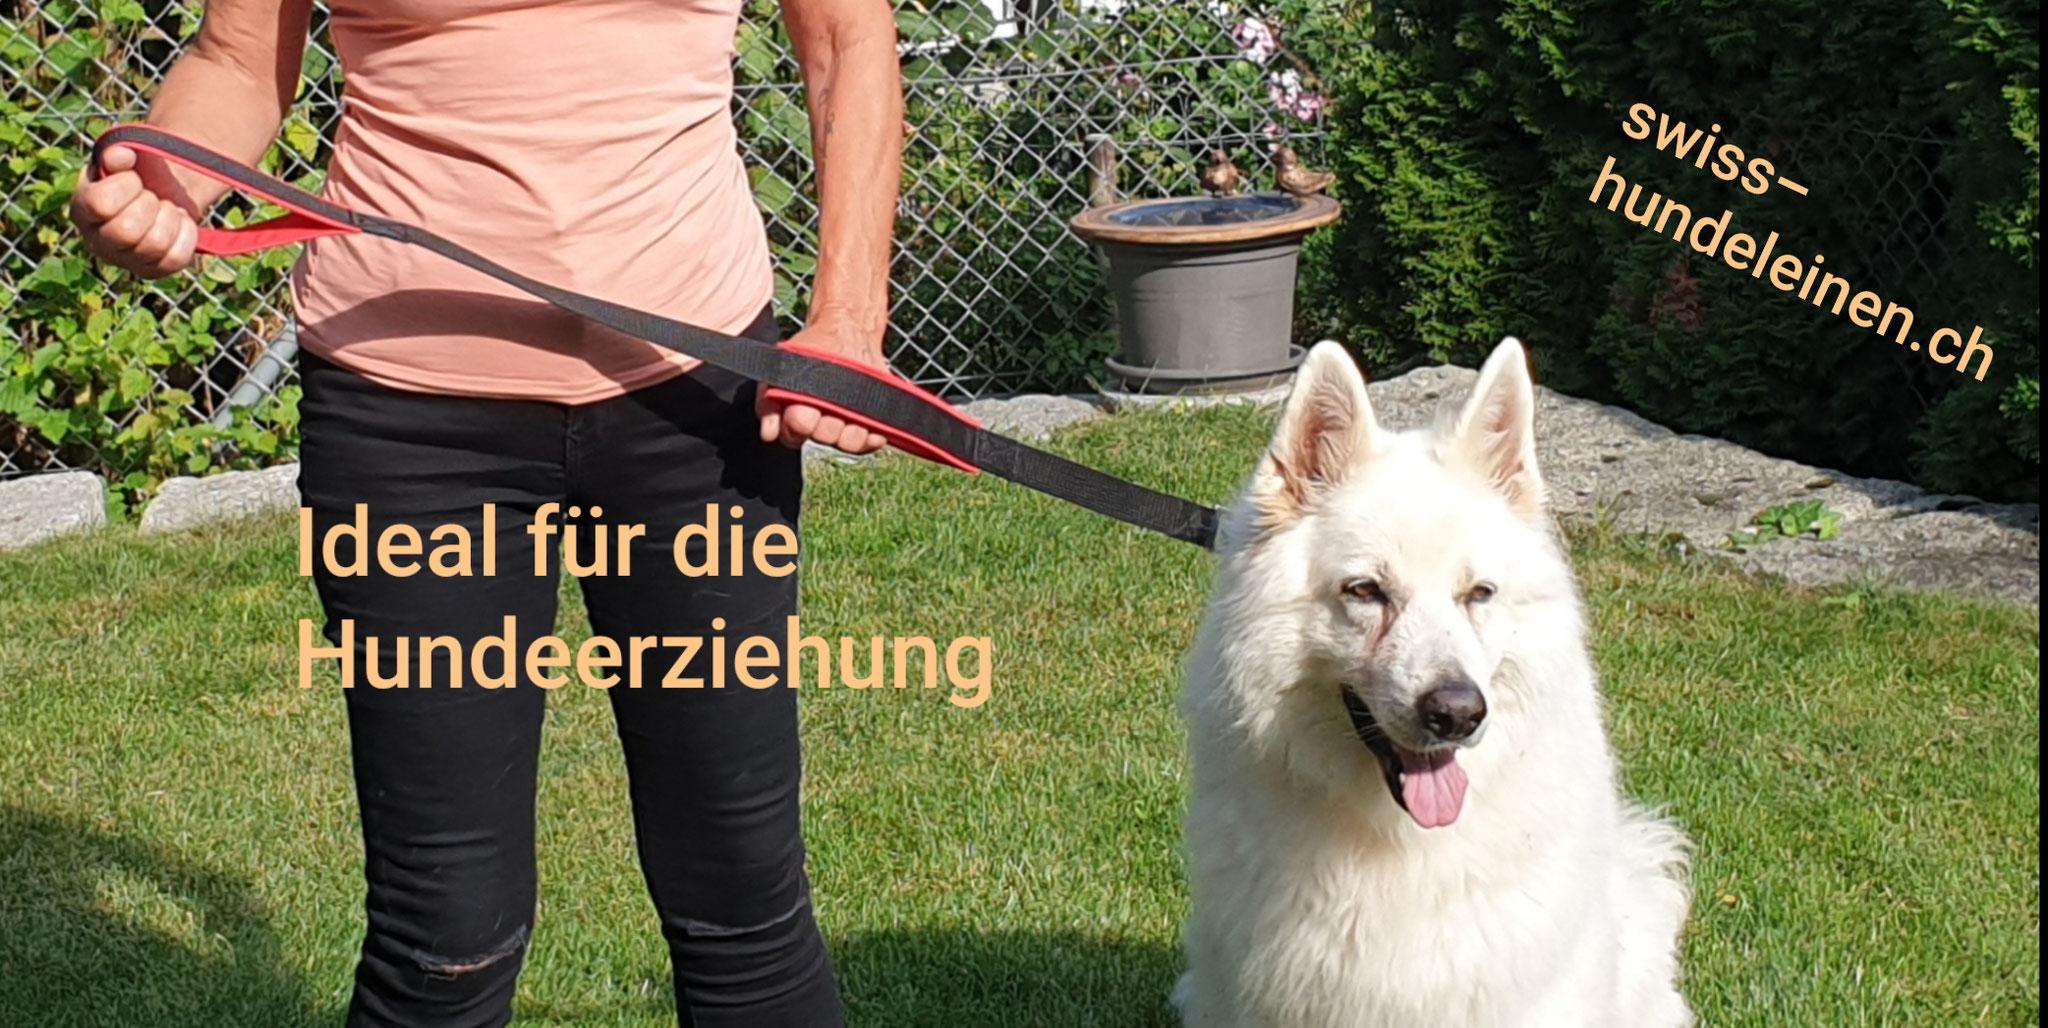 Hundeleine für grosse und kleine Hunde-Diensthundeleine- Kurzführleine